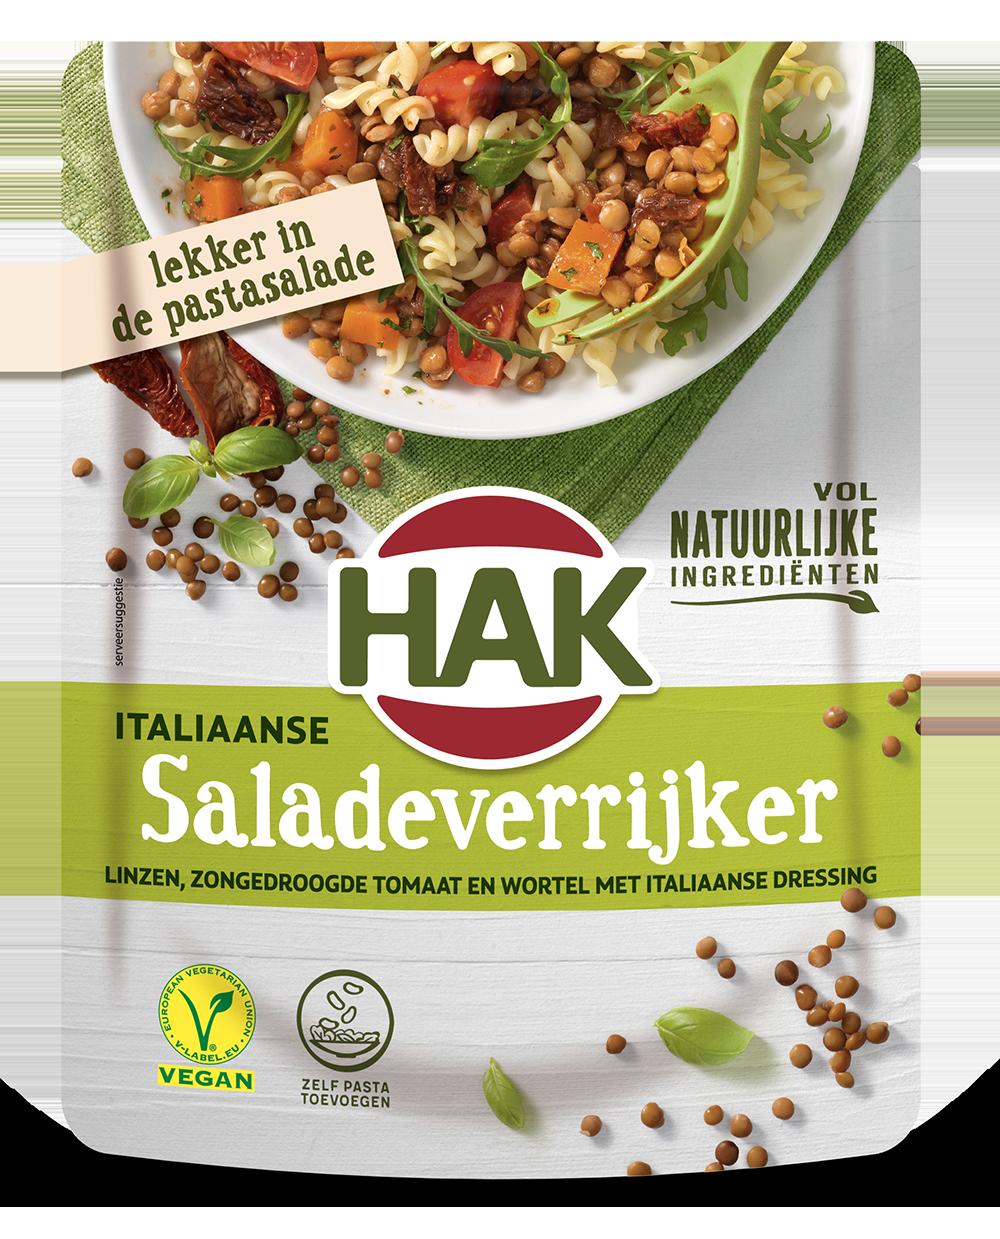 Hak Salade Verrijker Italiaans 250G Nl Ean 8720600616037